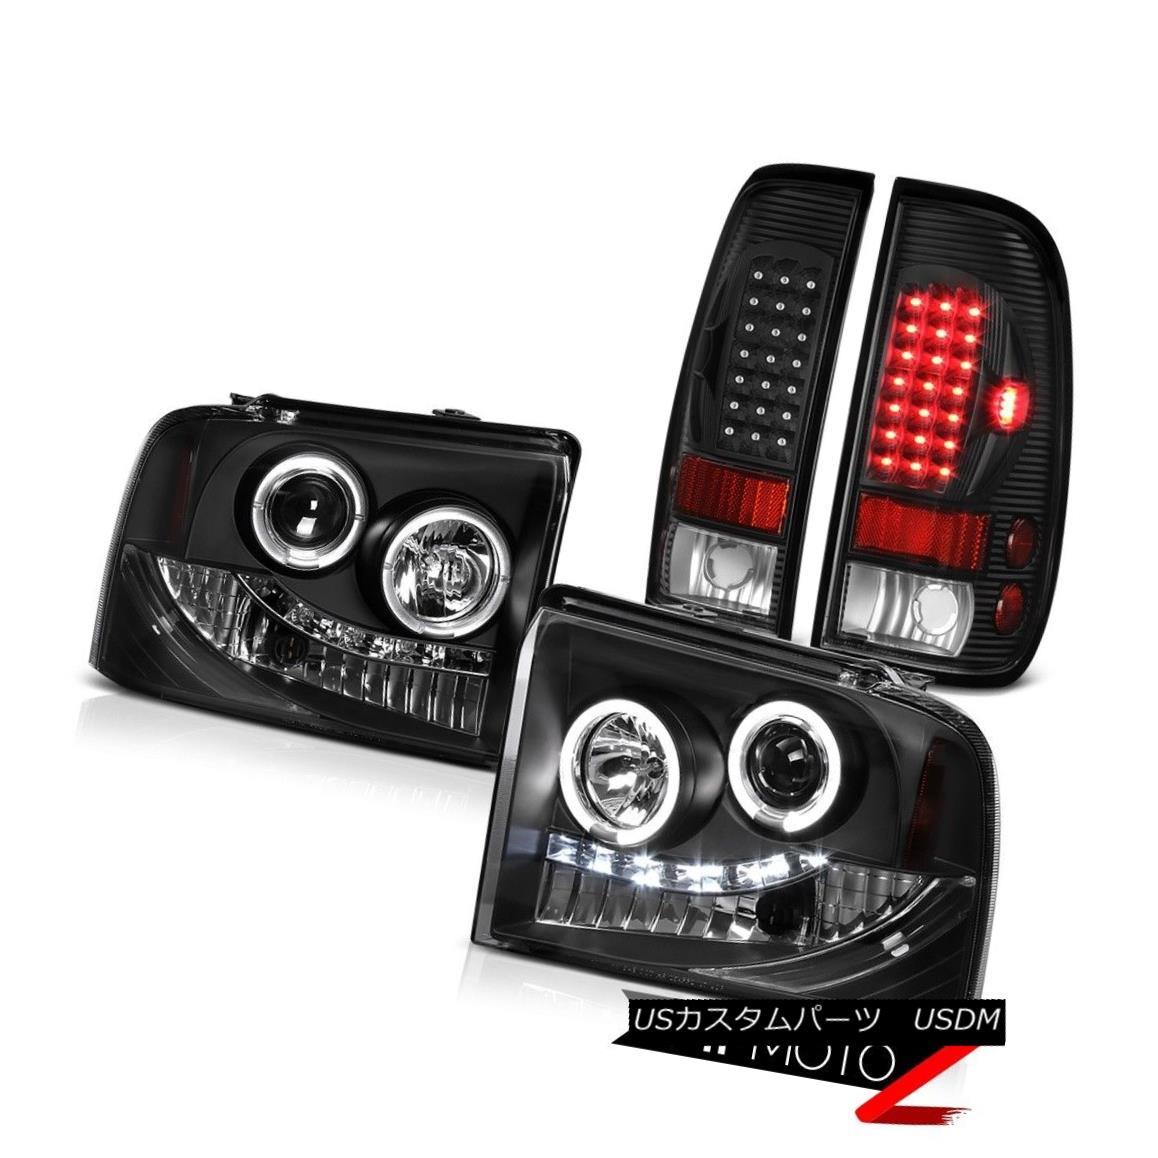 テールライト SMD Halo Projector Headlight+LED Bulbs Tail Lamp Ford F350 Lariat 2005 2006 2007 SMD Haloプロジェクターヘッドライト+ LED電球テールランプF350 Lariat 2005 2006 2007